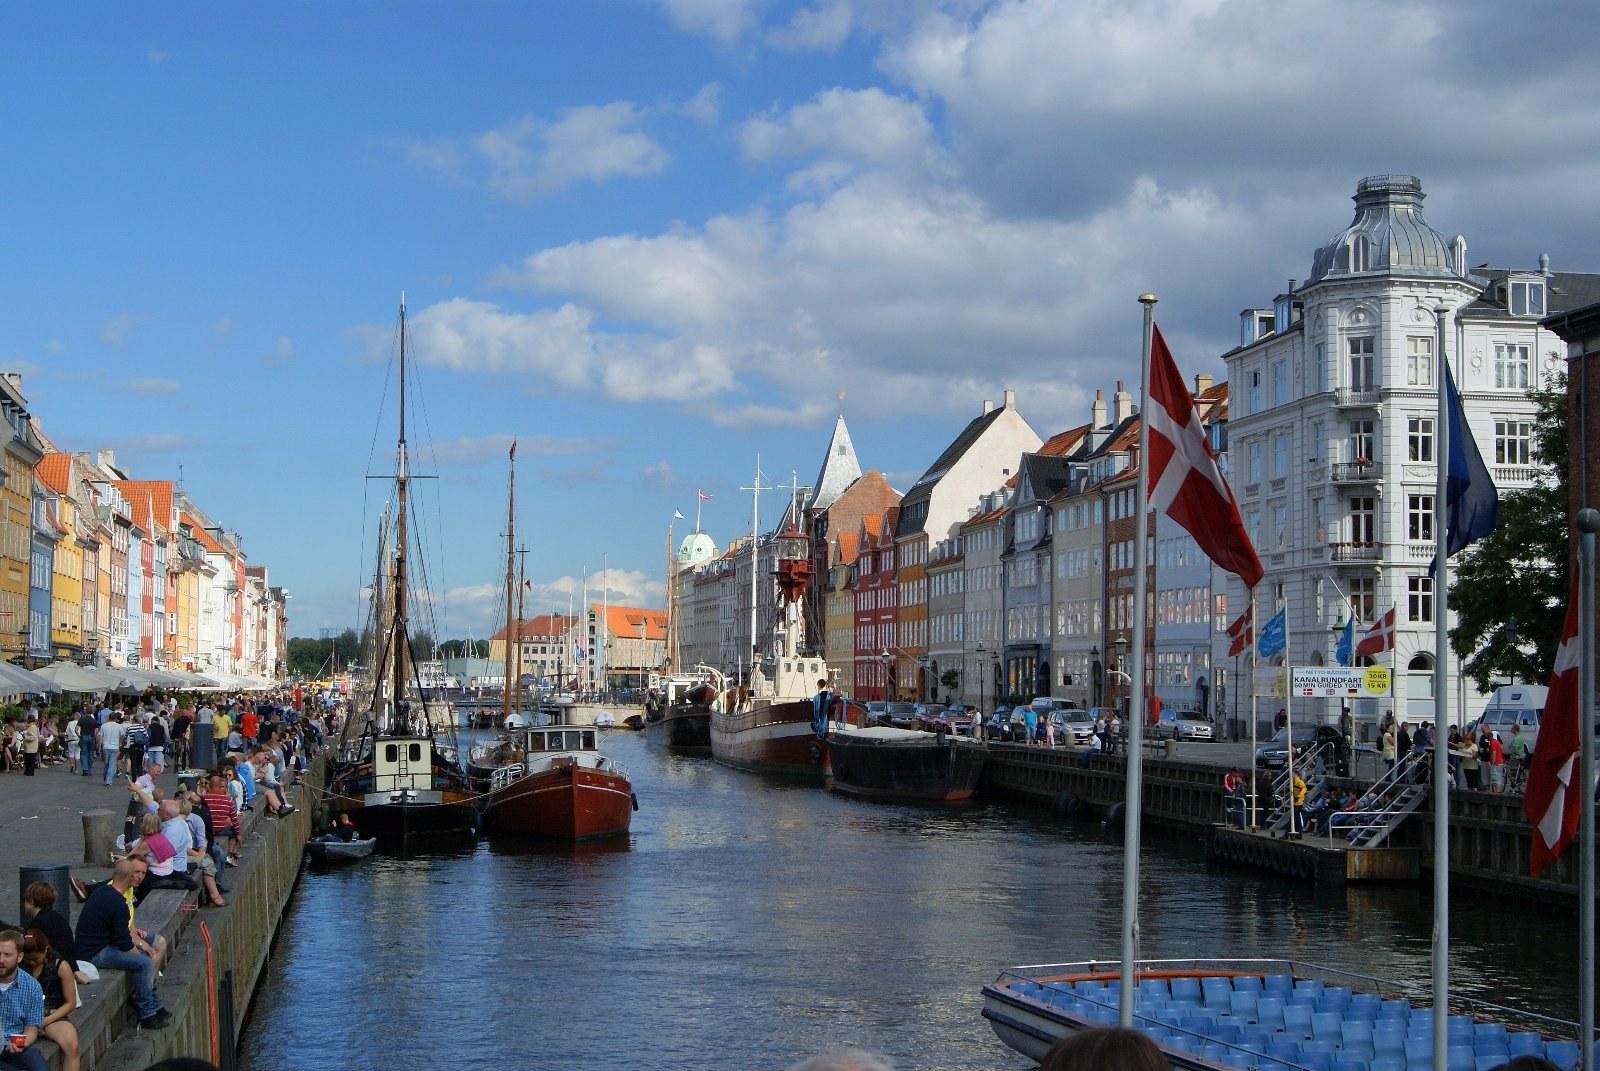 Dannebrog1, Нюхавн, Новая Гавань, Дания, Эресуннский пролив, Новая Королевская площадь, виды Копенгагена